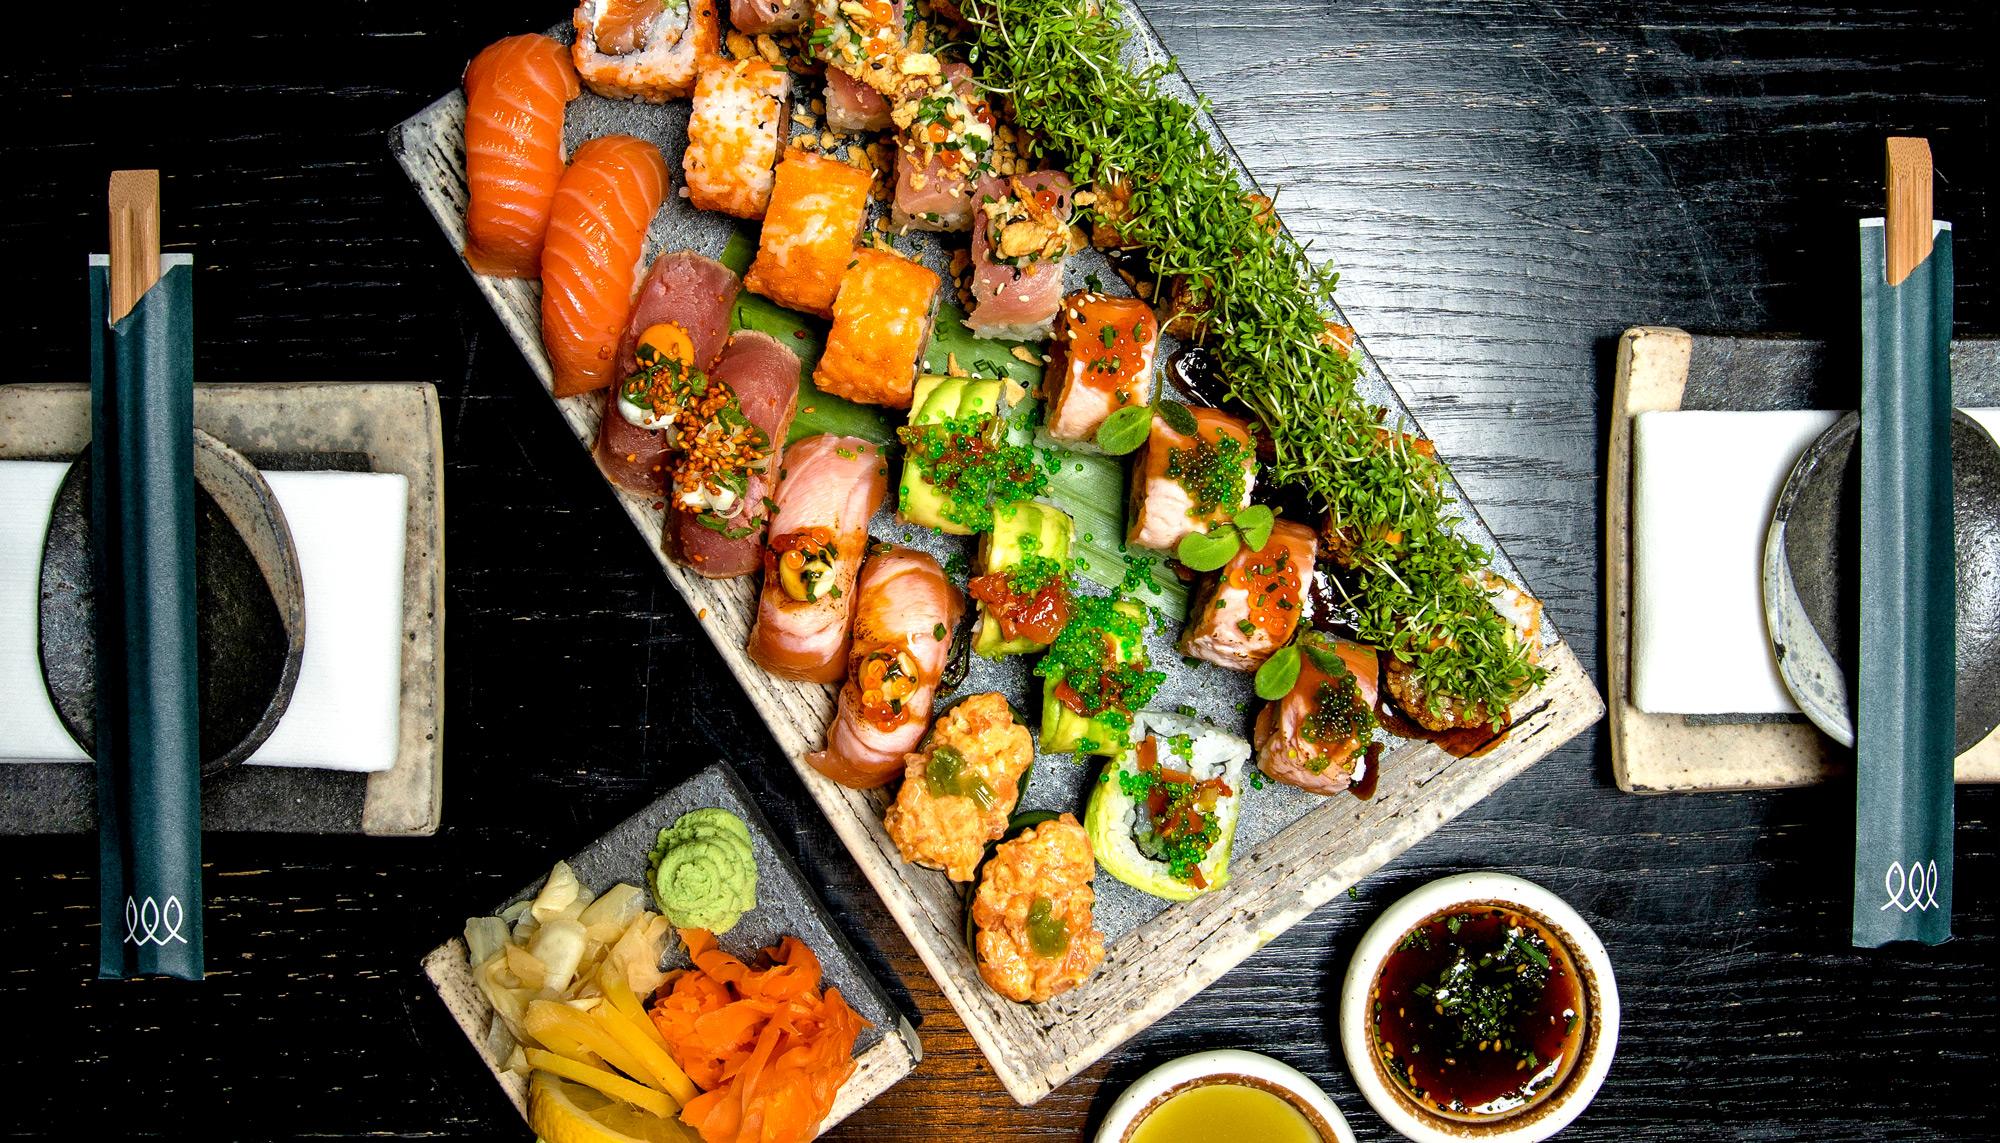 Lækker mad til hele ugen: Her får du opfyldt dine Take Away ønsker i Aalborg